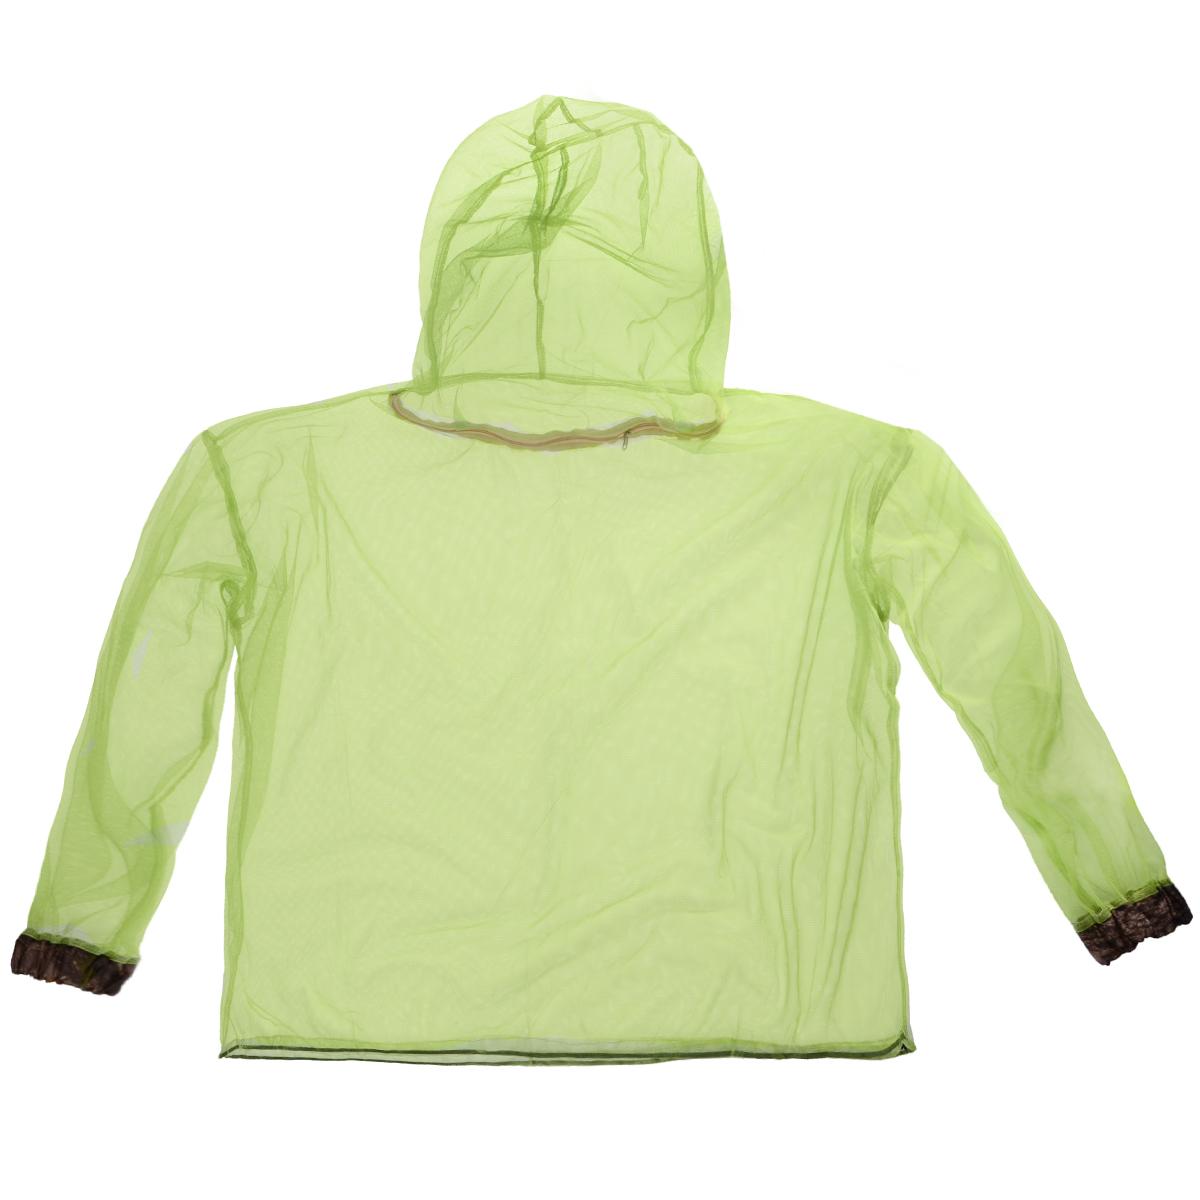 Куртка противомоскитная Eva. К41К41Противомоскитная куртка Eva изготовлена из сетчатого полиэстера. Мельчайший размер ячеек сетки обеспечивает высокую защиту от самых мелких кровососущих насекомых: мошек, москитов, комаров, клещей. Низ куртки оснащен удобным затяжным шнурком с фиксатором, манжеты на резинках. Также имеет удобный капюшон на молнии.